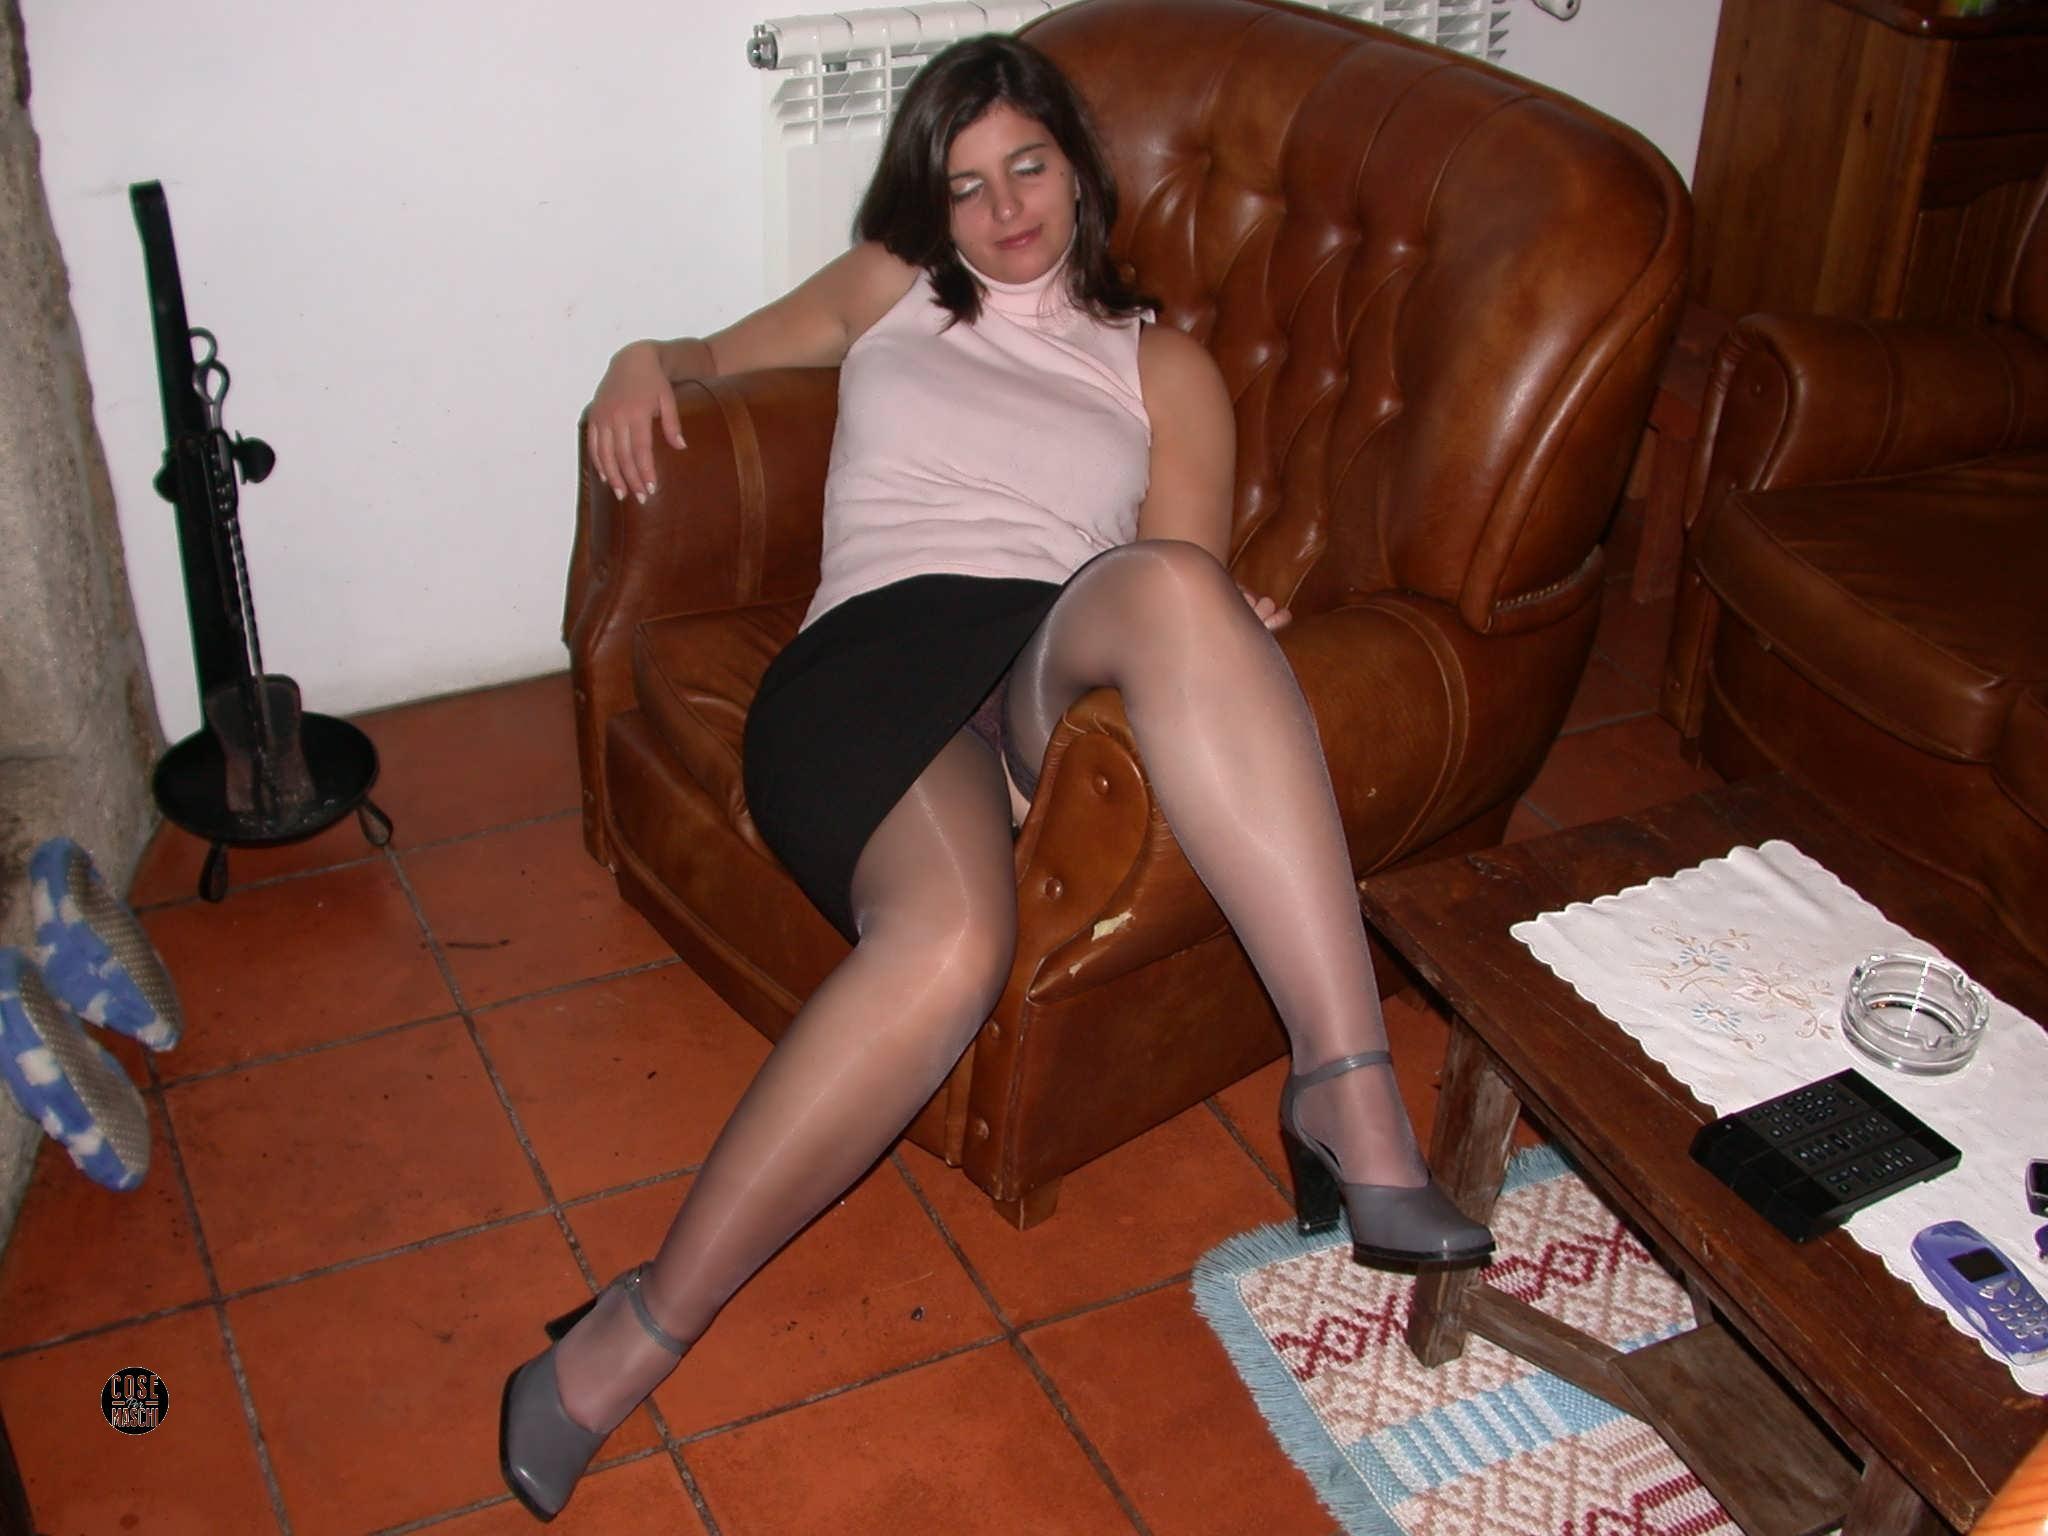 cose per maschi sexy fidanzata sul divano